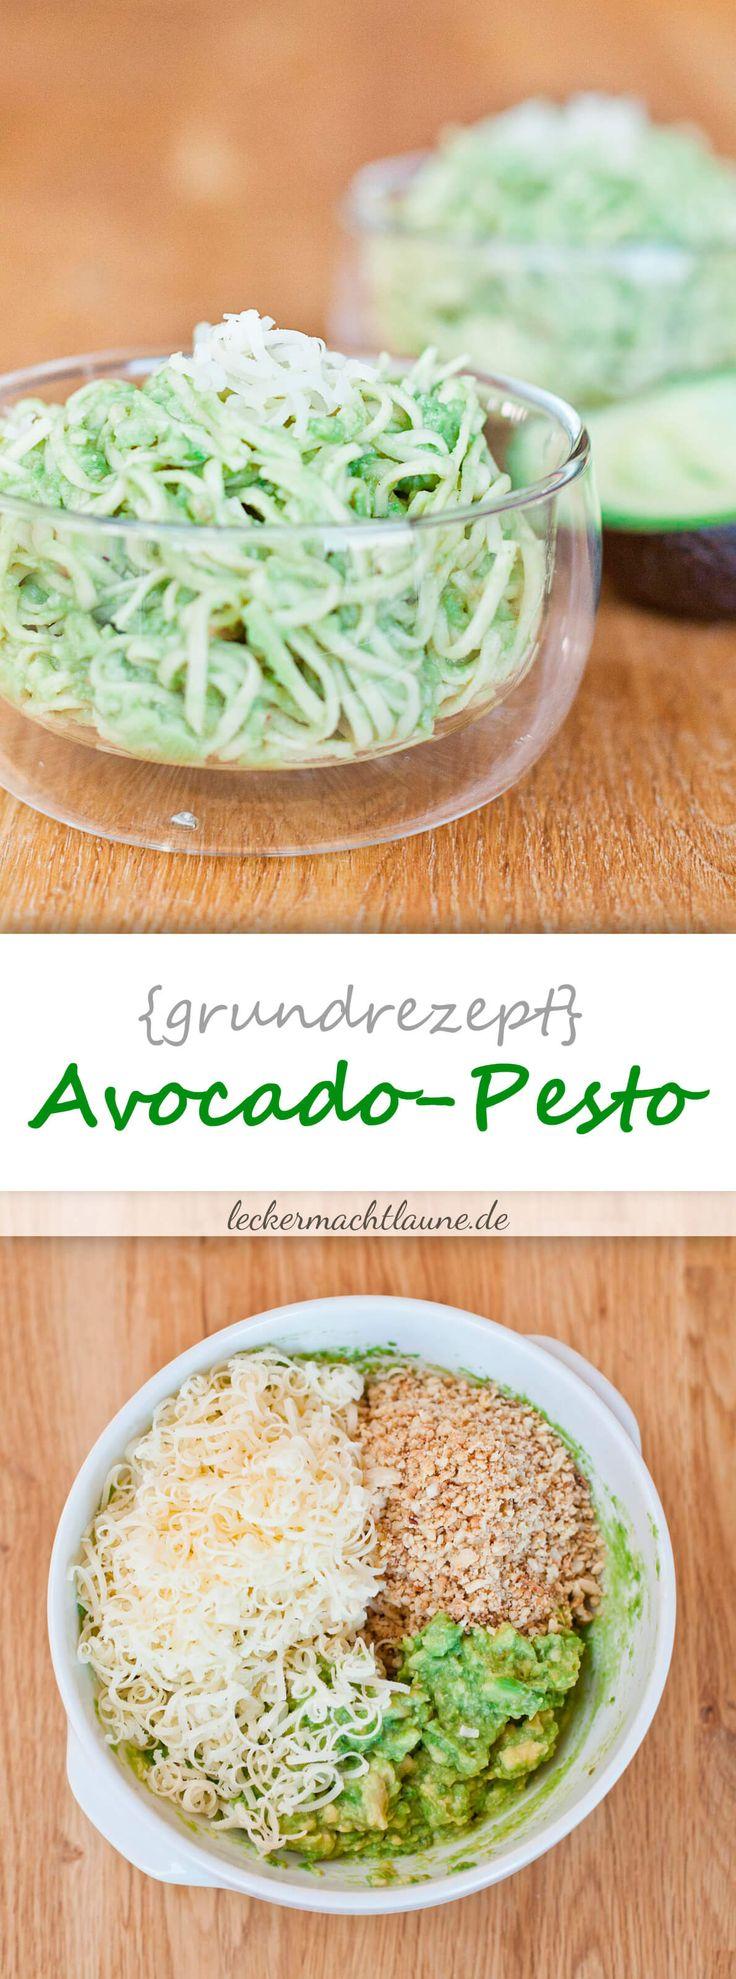 Avocado-Pesto {grundrezept}